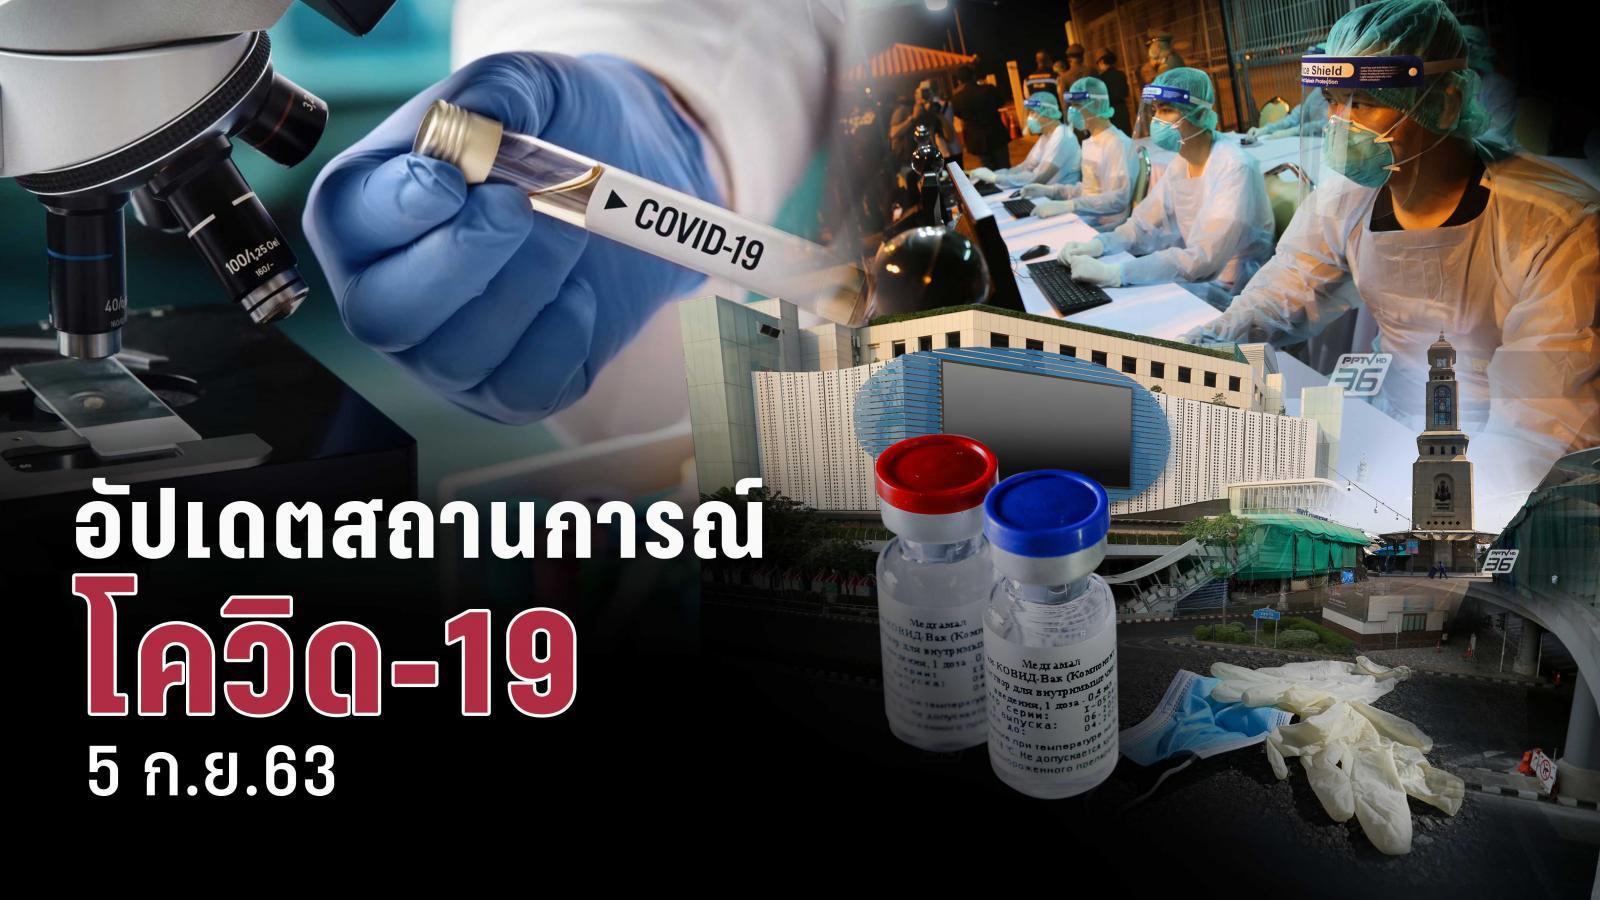 อัปเดต สถานการณ์โควิด-19 ทั้งในไทยและต่างประเทศทั่วโลก 5 ก.ย. 2563